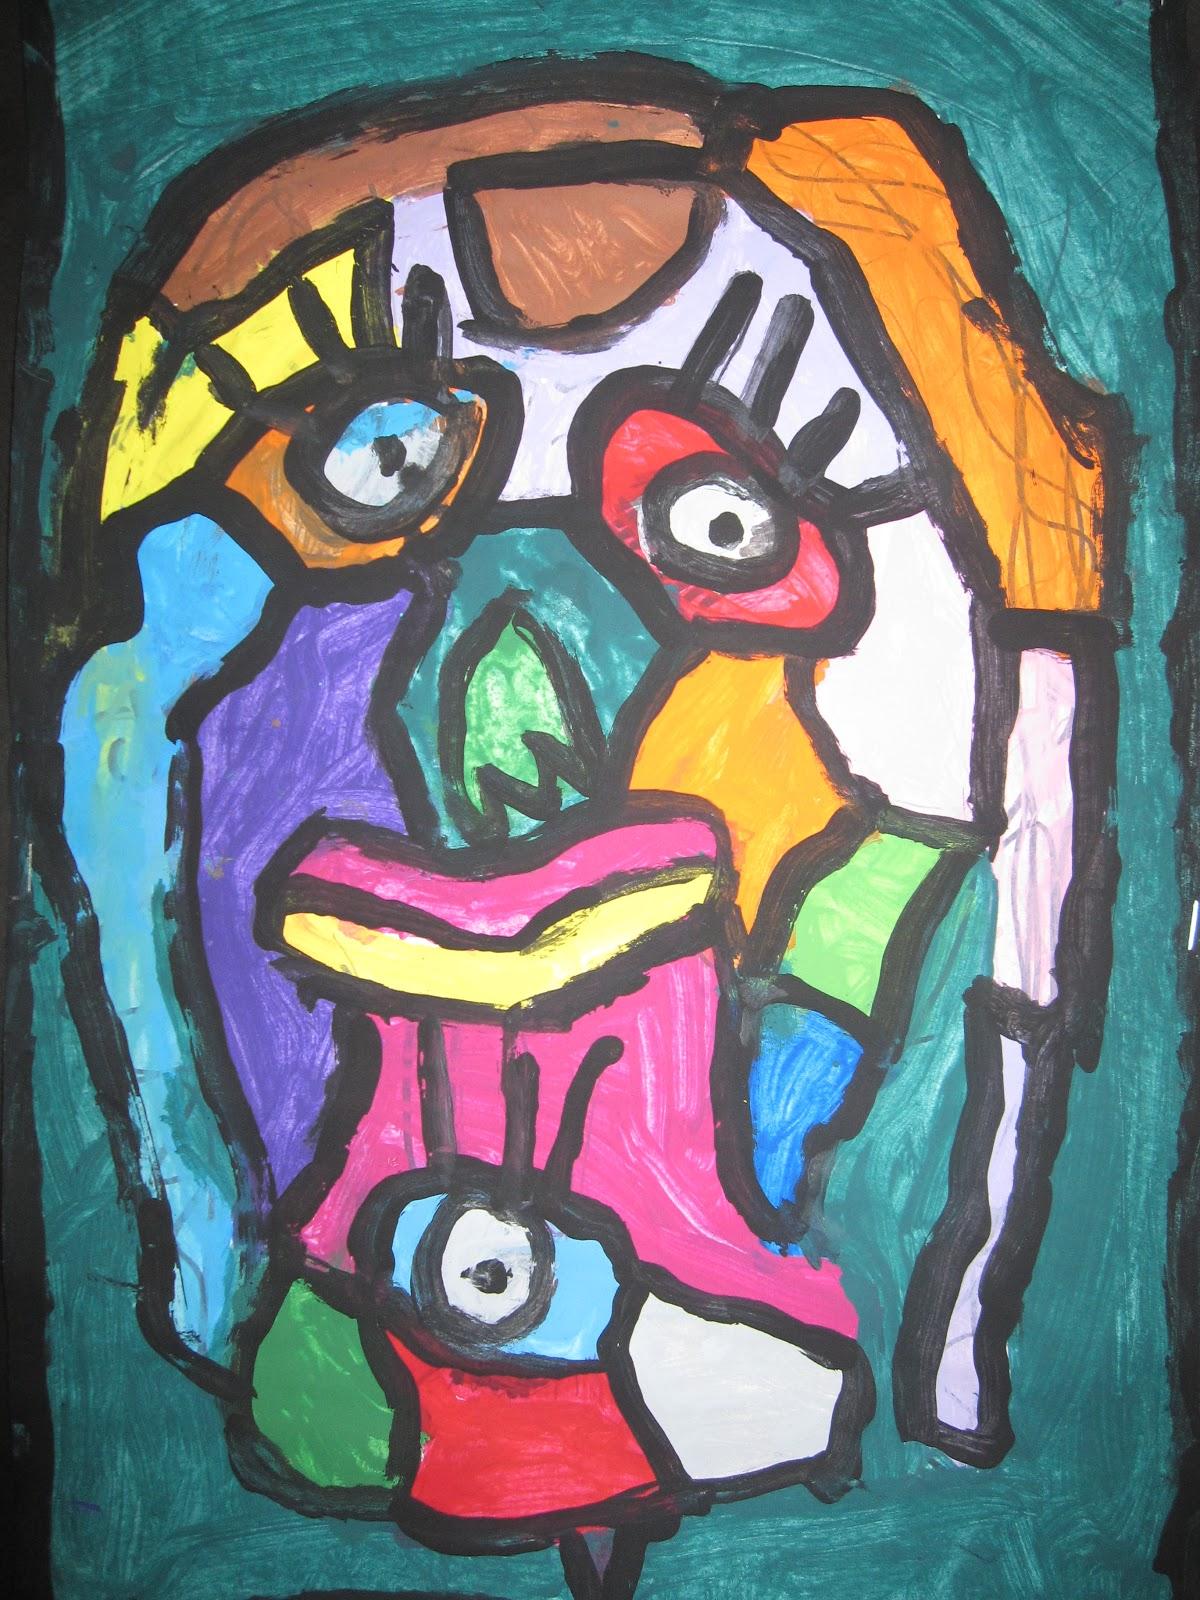 El Sol Art: Picasso Portraits